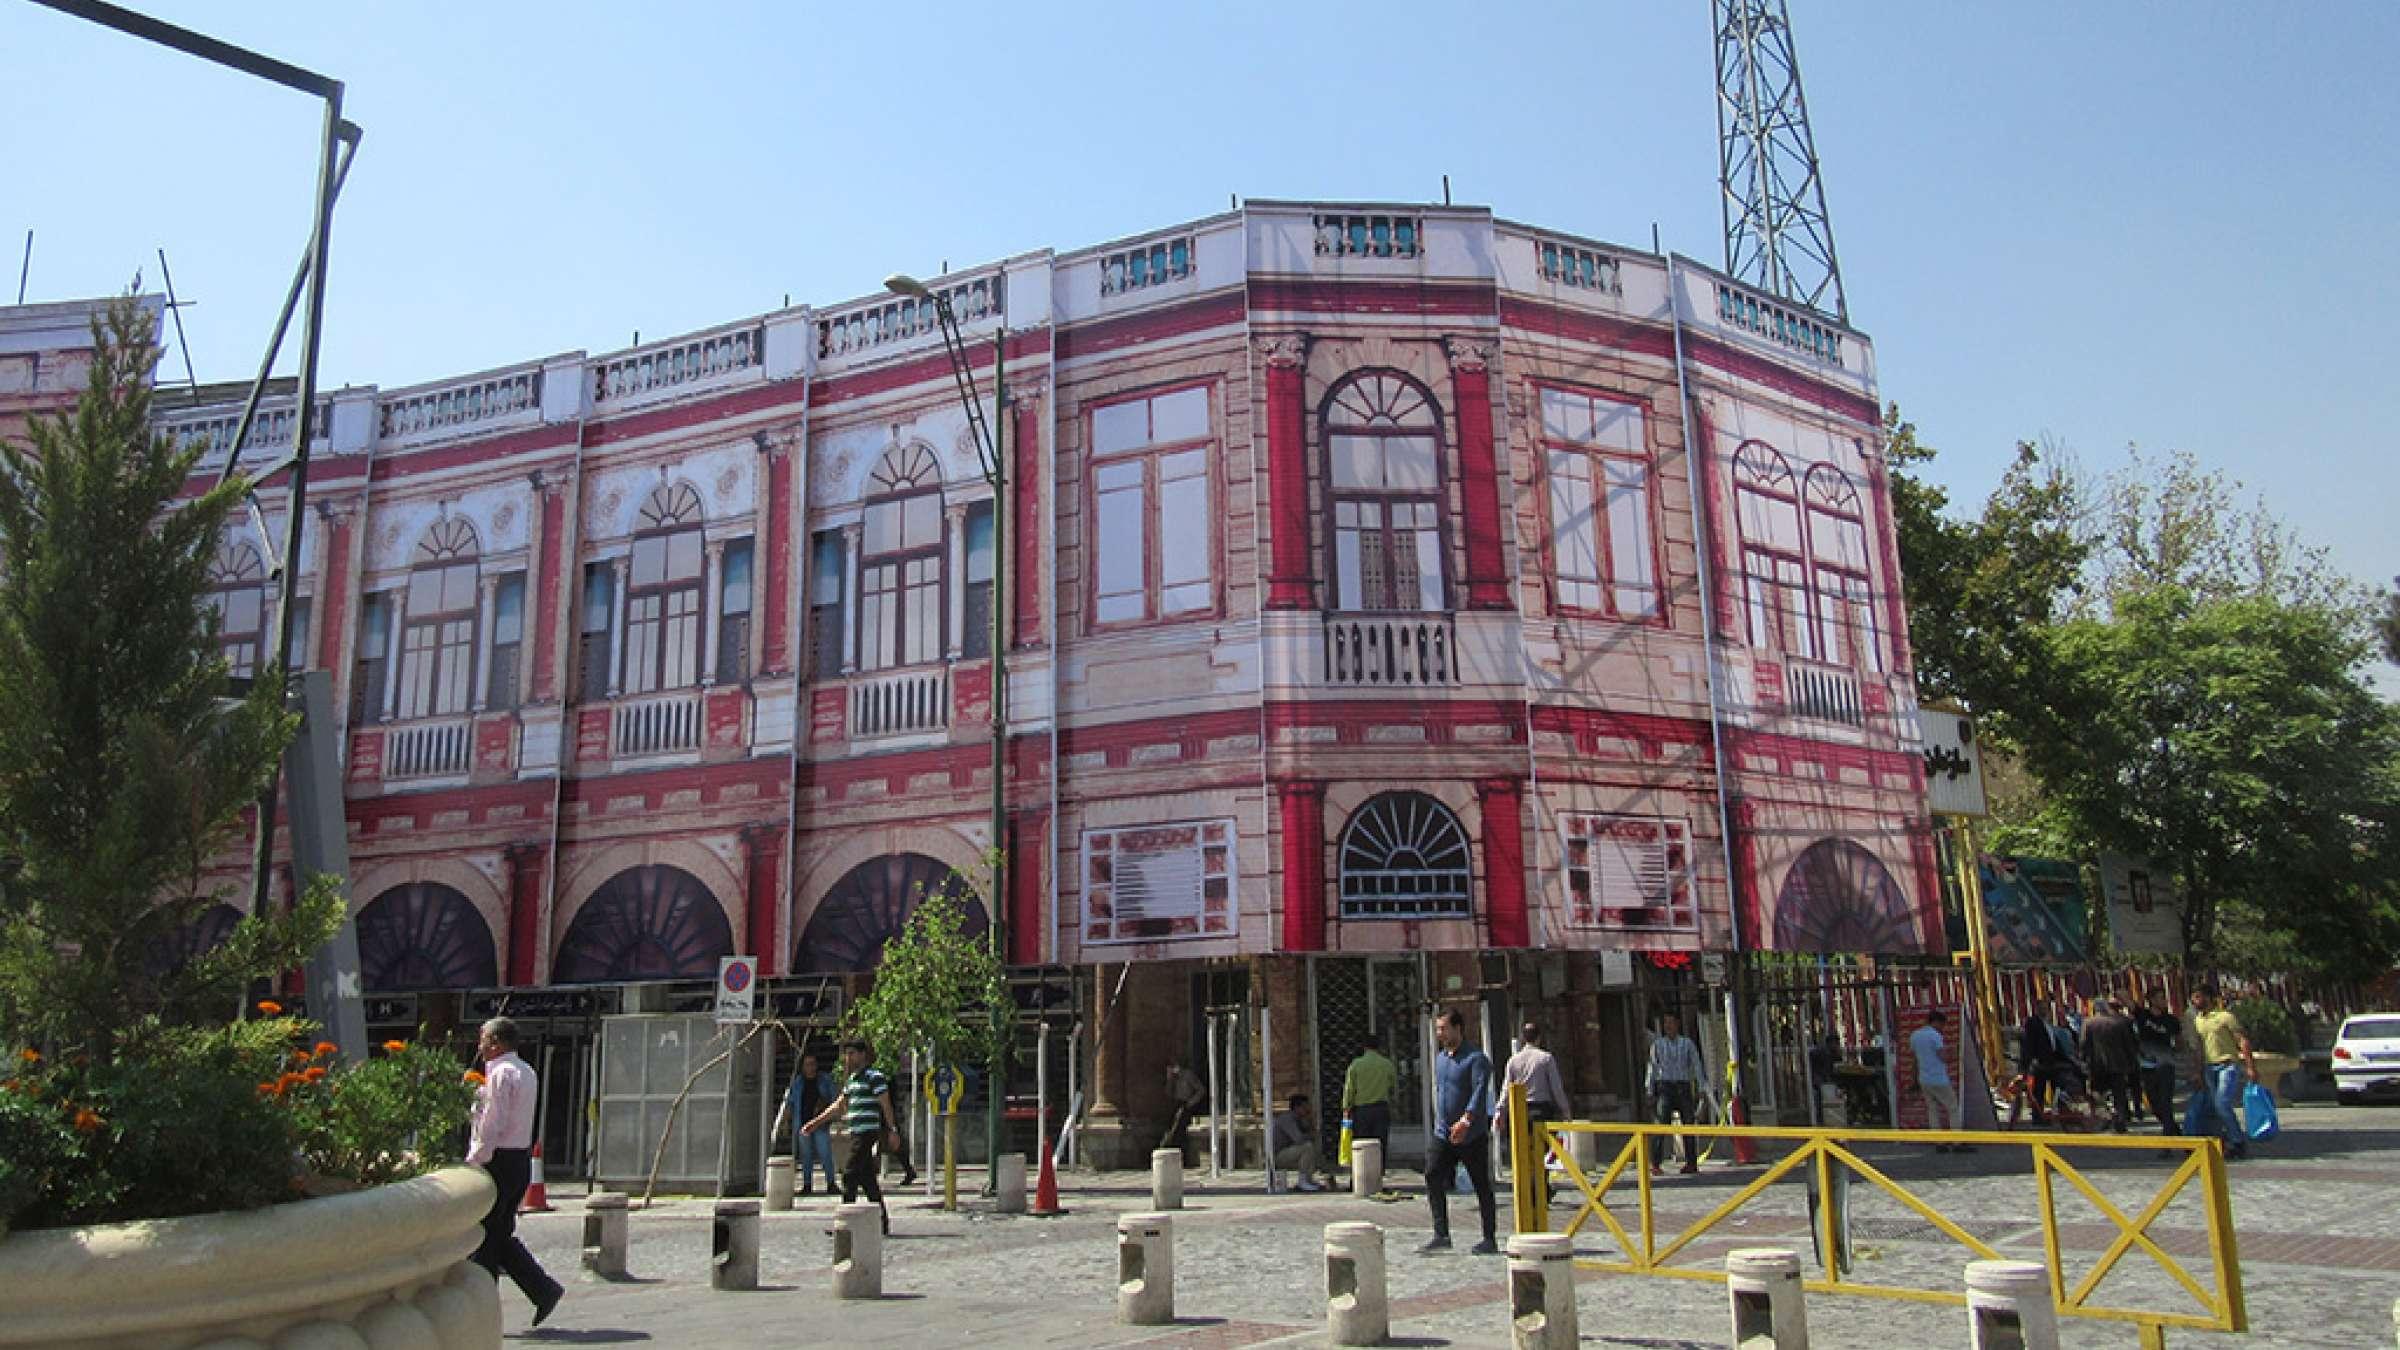 ادبیات-گلمحمدی-گزارش-آتش-سوزی-میدان-حسنآباد-تهران